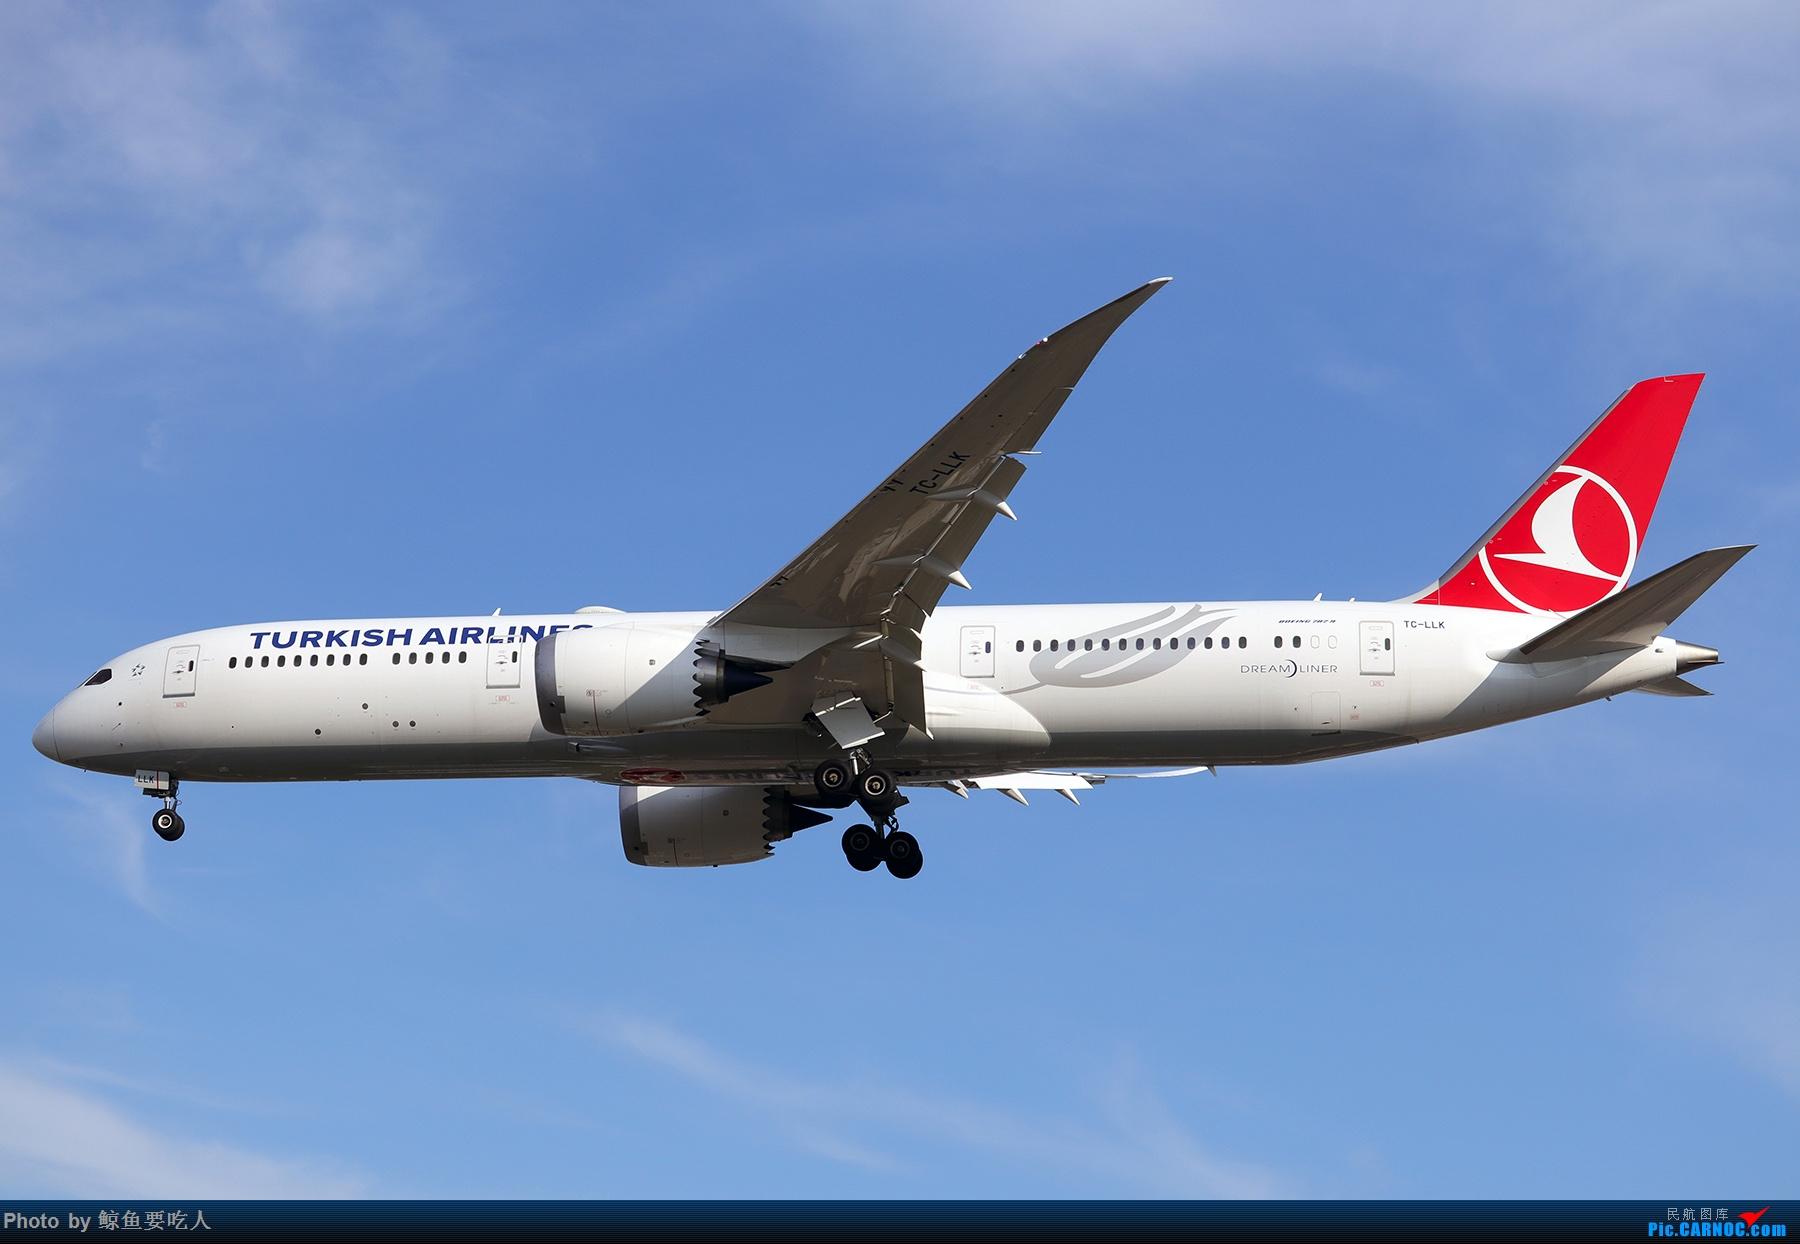 Re:[原创]【多图党】见证疫情后逐步的恢复,加拿大夏日多伦多皮尔逊机场拍机~ 乐见诸航空公司复航多伦多 BOEING 787-9 TC-LLK 多伦多皮尔逊国际机场